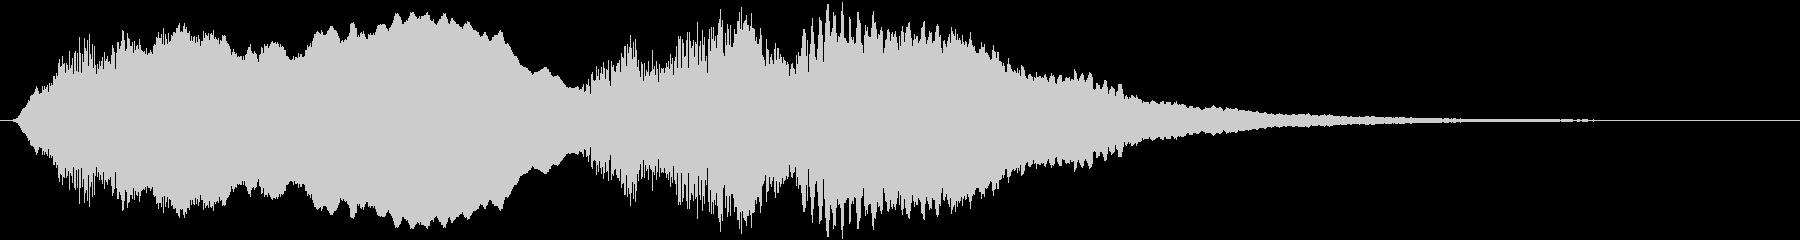 「トッカータとフーガ 」冒頭部ショートの未再生の波形